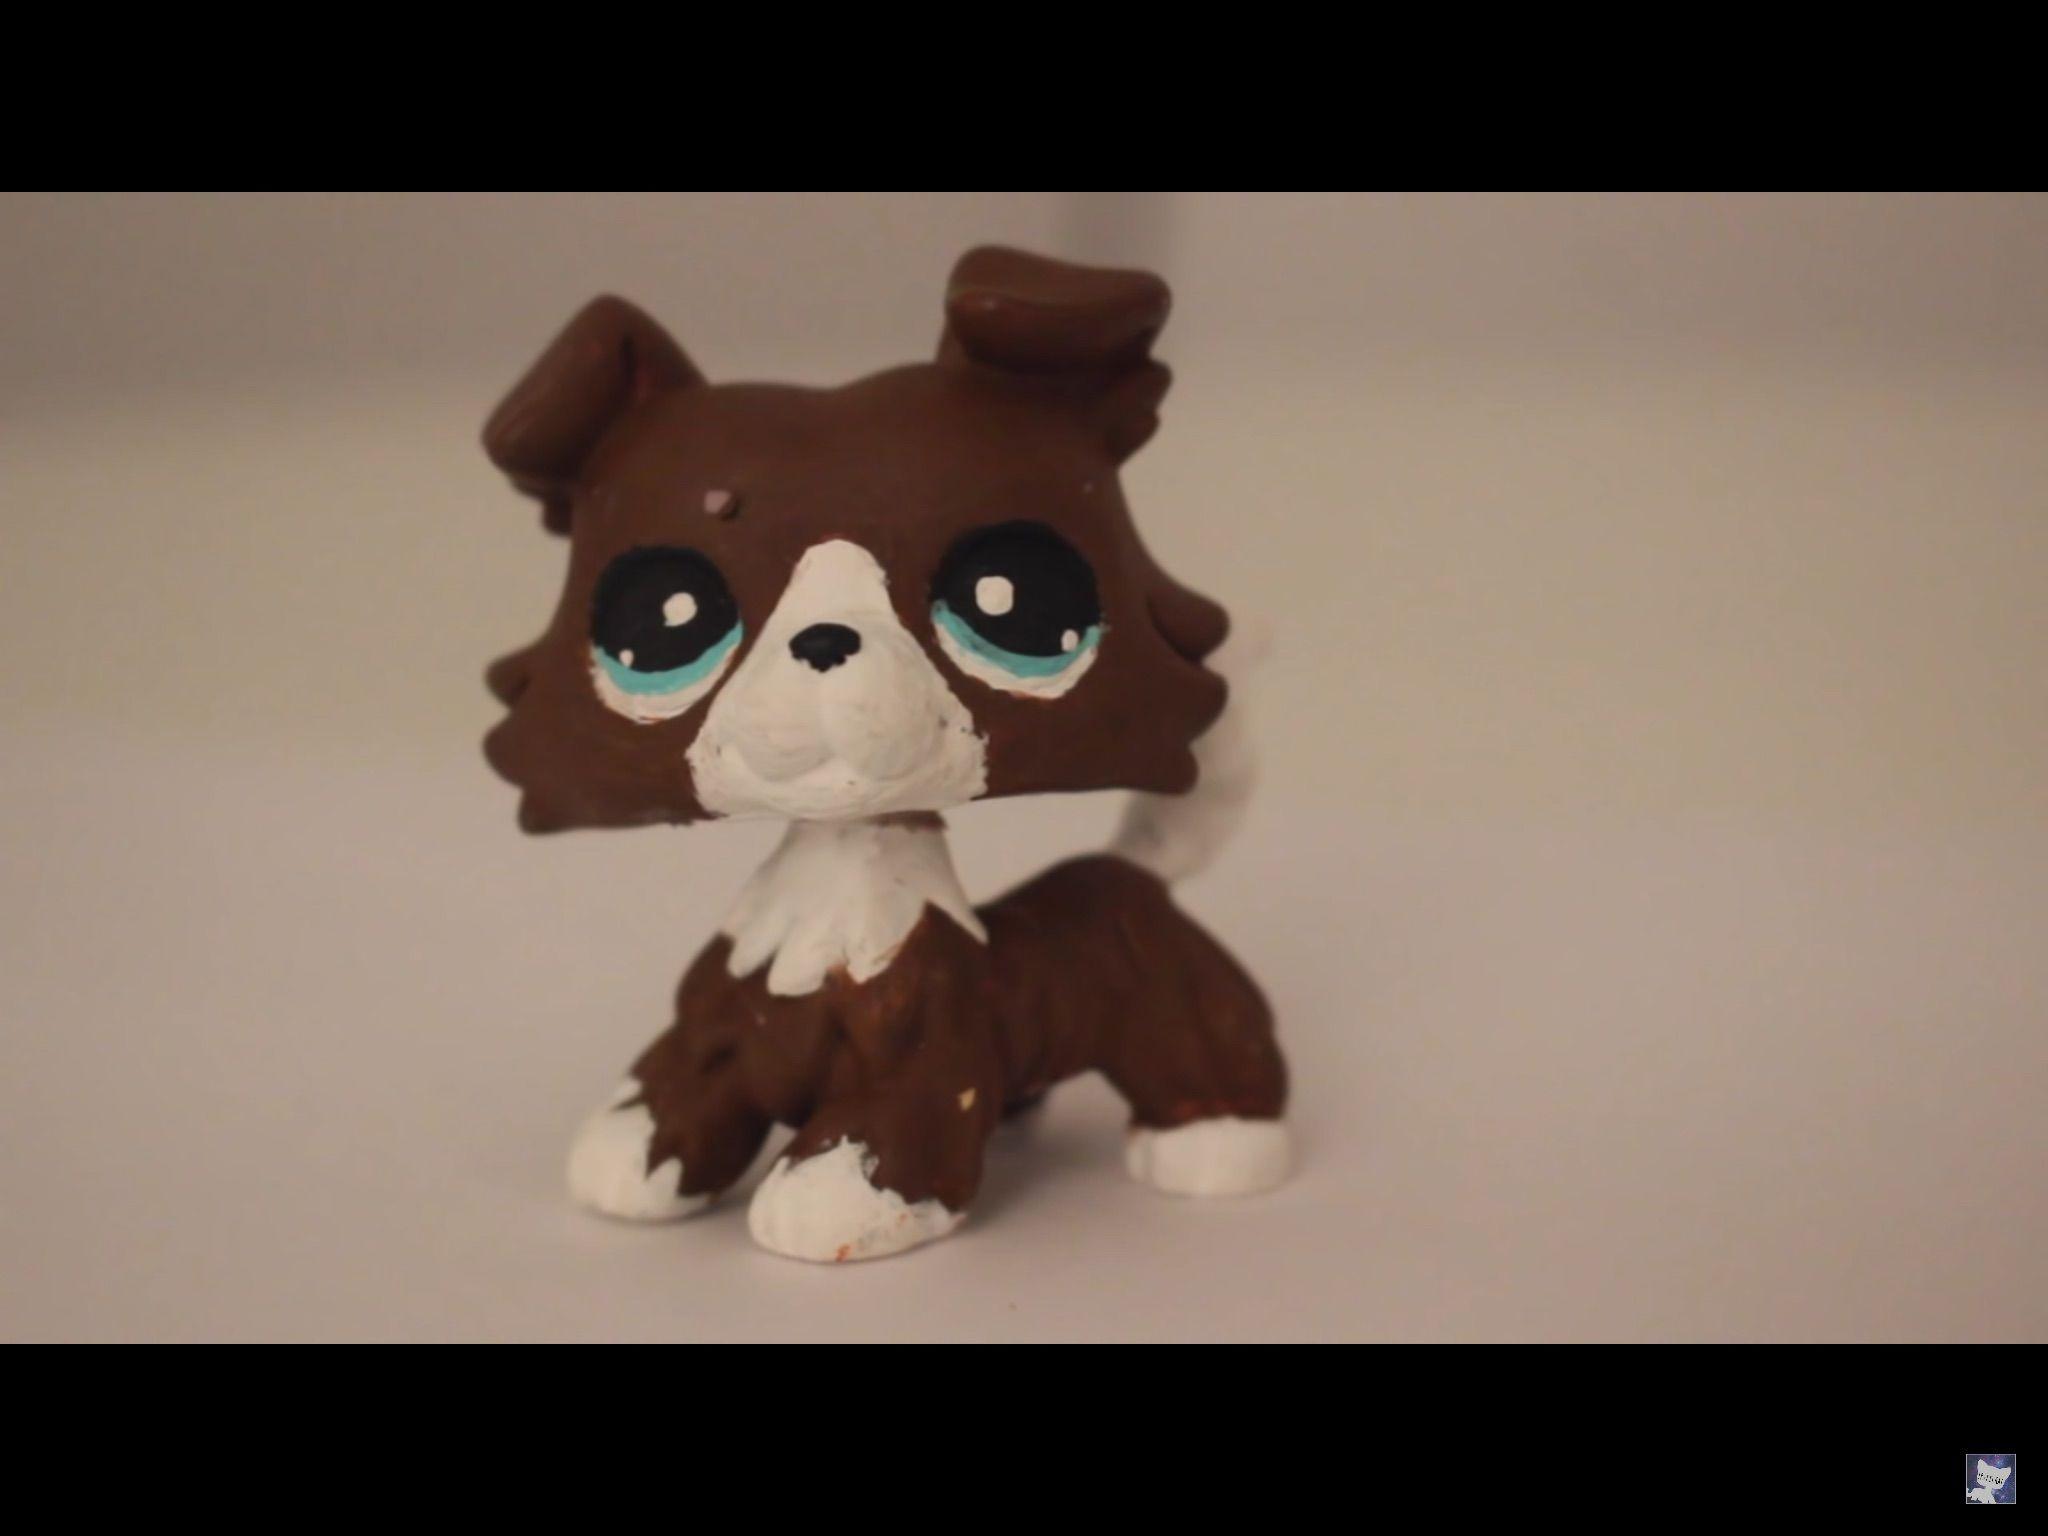 Pin By Quackk On Littlest Pet Shop Customs Pet Shop Little Pet